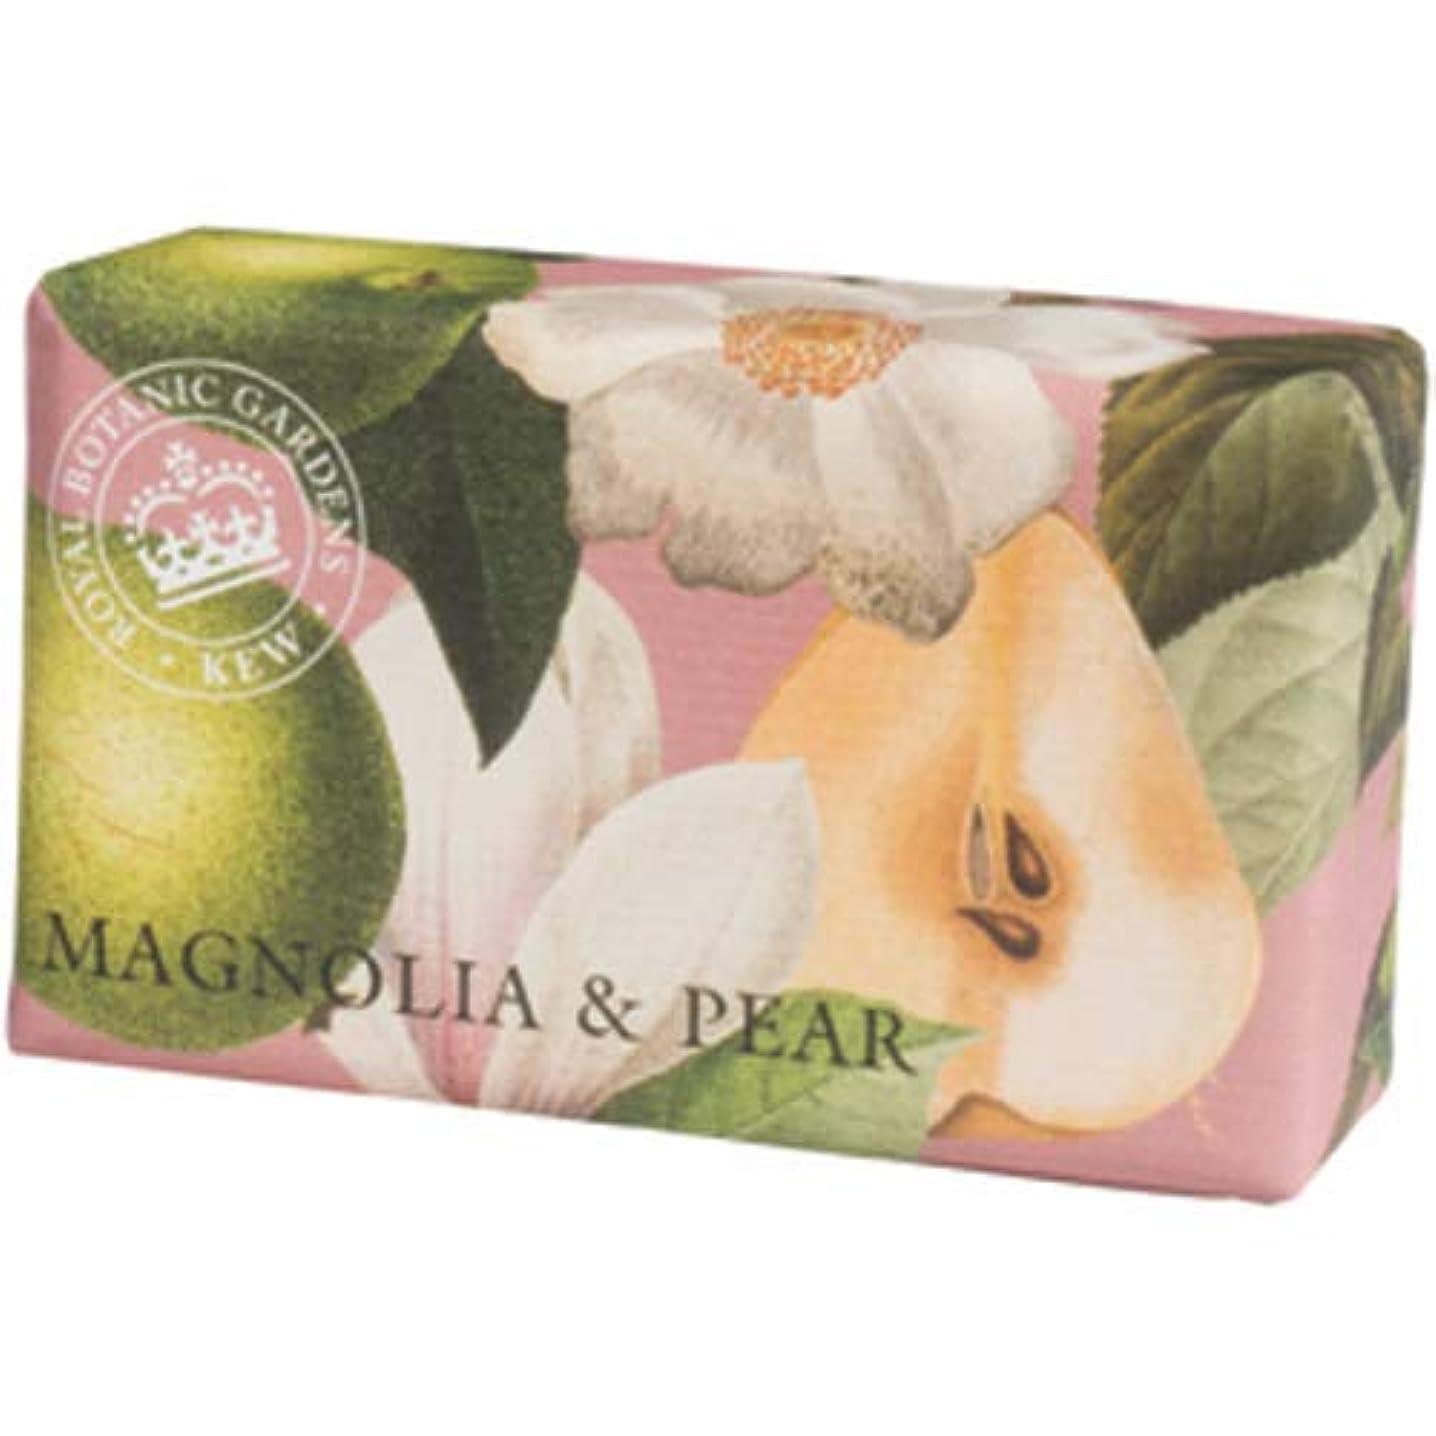 ジャニスジャケット幽霊English Soap Company イングリッシュソープカンパニー KEW GARDEN キュー?ガーデン Luxury Shea Soaps シアソープ Magnolia & Pear マグノリア&ペア